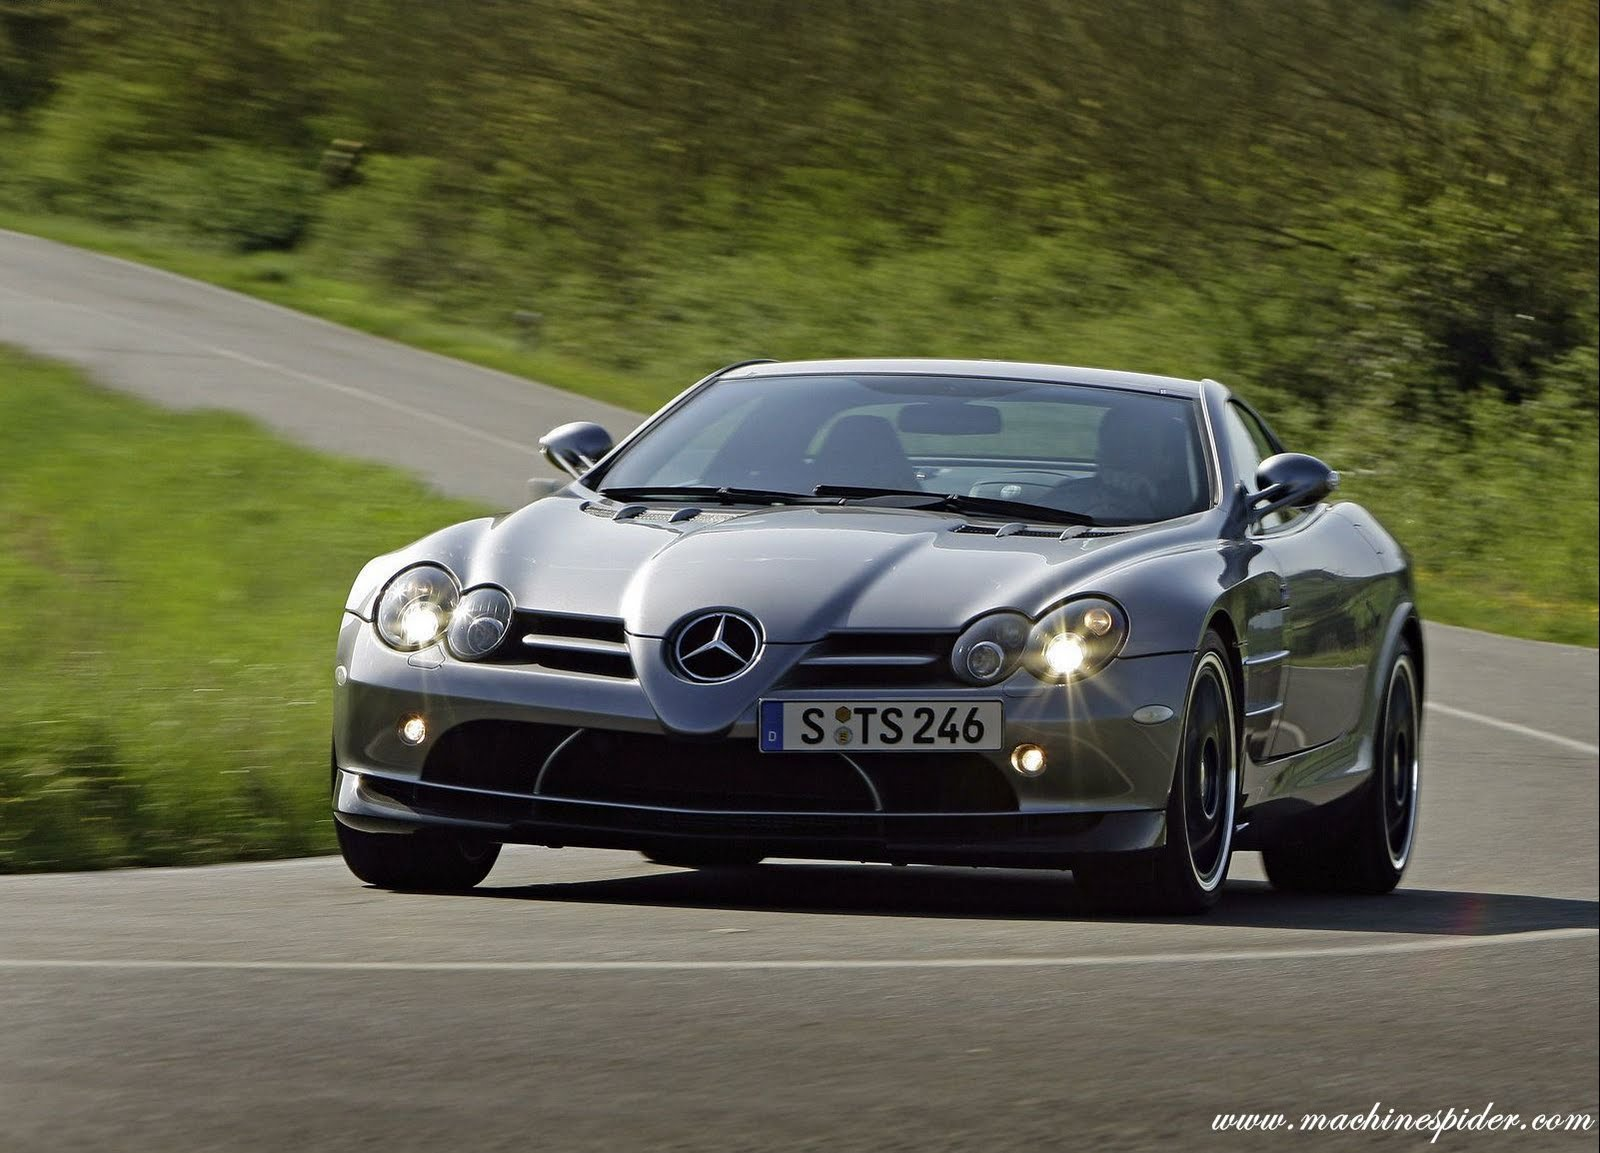 http://1.bp.blogspot.com/_HtriIY5et8U/TDGXoKHFZZI/AAAAAAAABXk/MCtRQaepbCM/s1600/Mercedes-Benz-SLR_722_Edition_2007_1600x1200_wallpaper_03.jpg